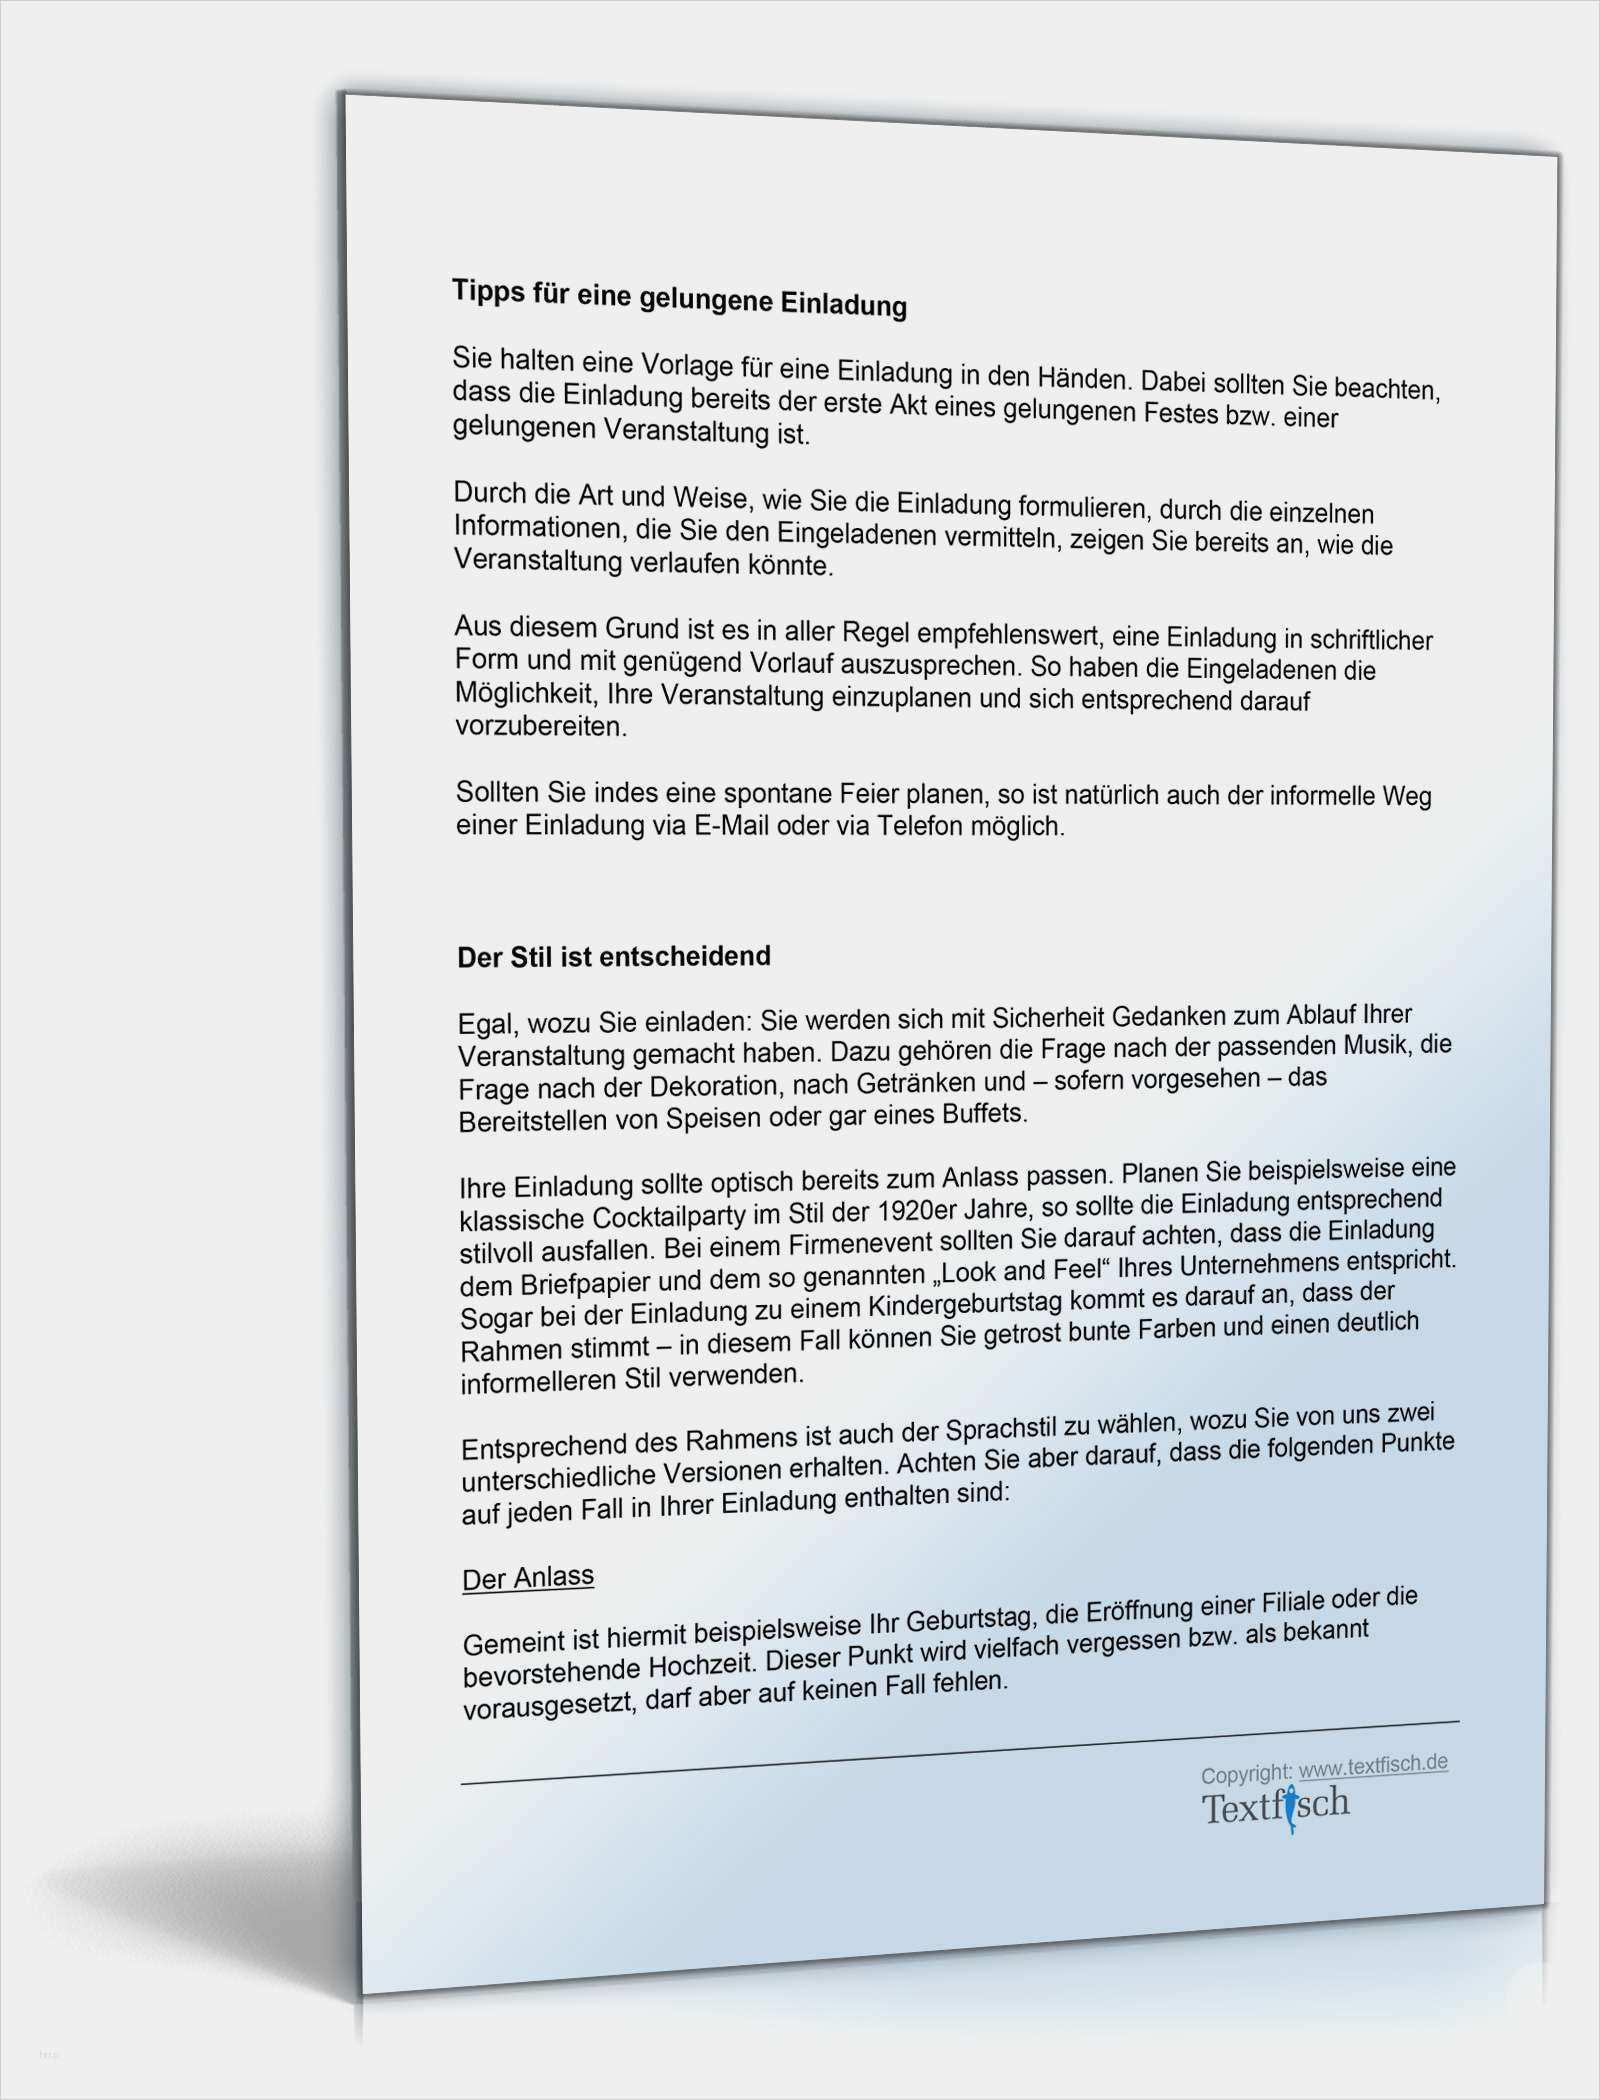 35 Cool Vorlage Einladung Zur Konfirmation Galerie Einladung Hochzeit Text Einladung Konfirmation Einladung Sommerfest